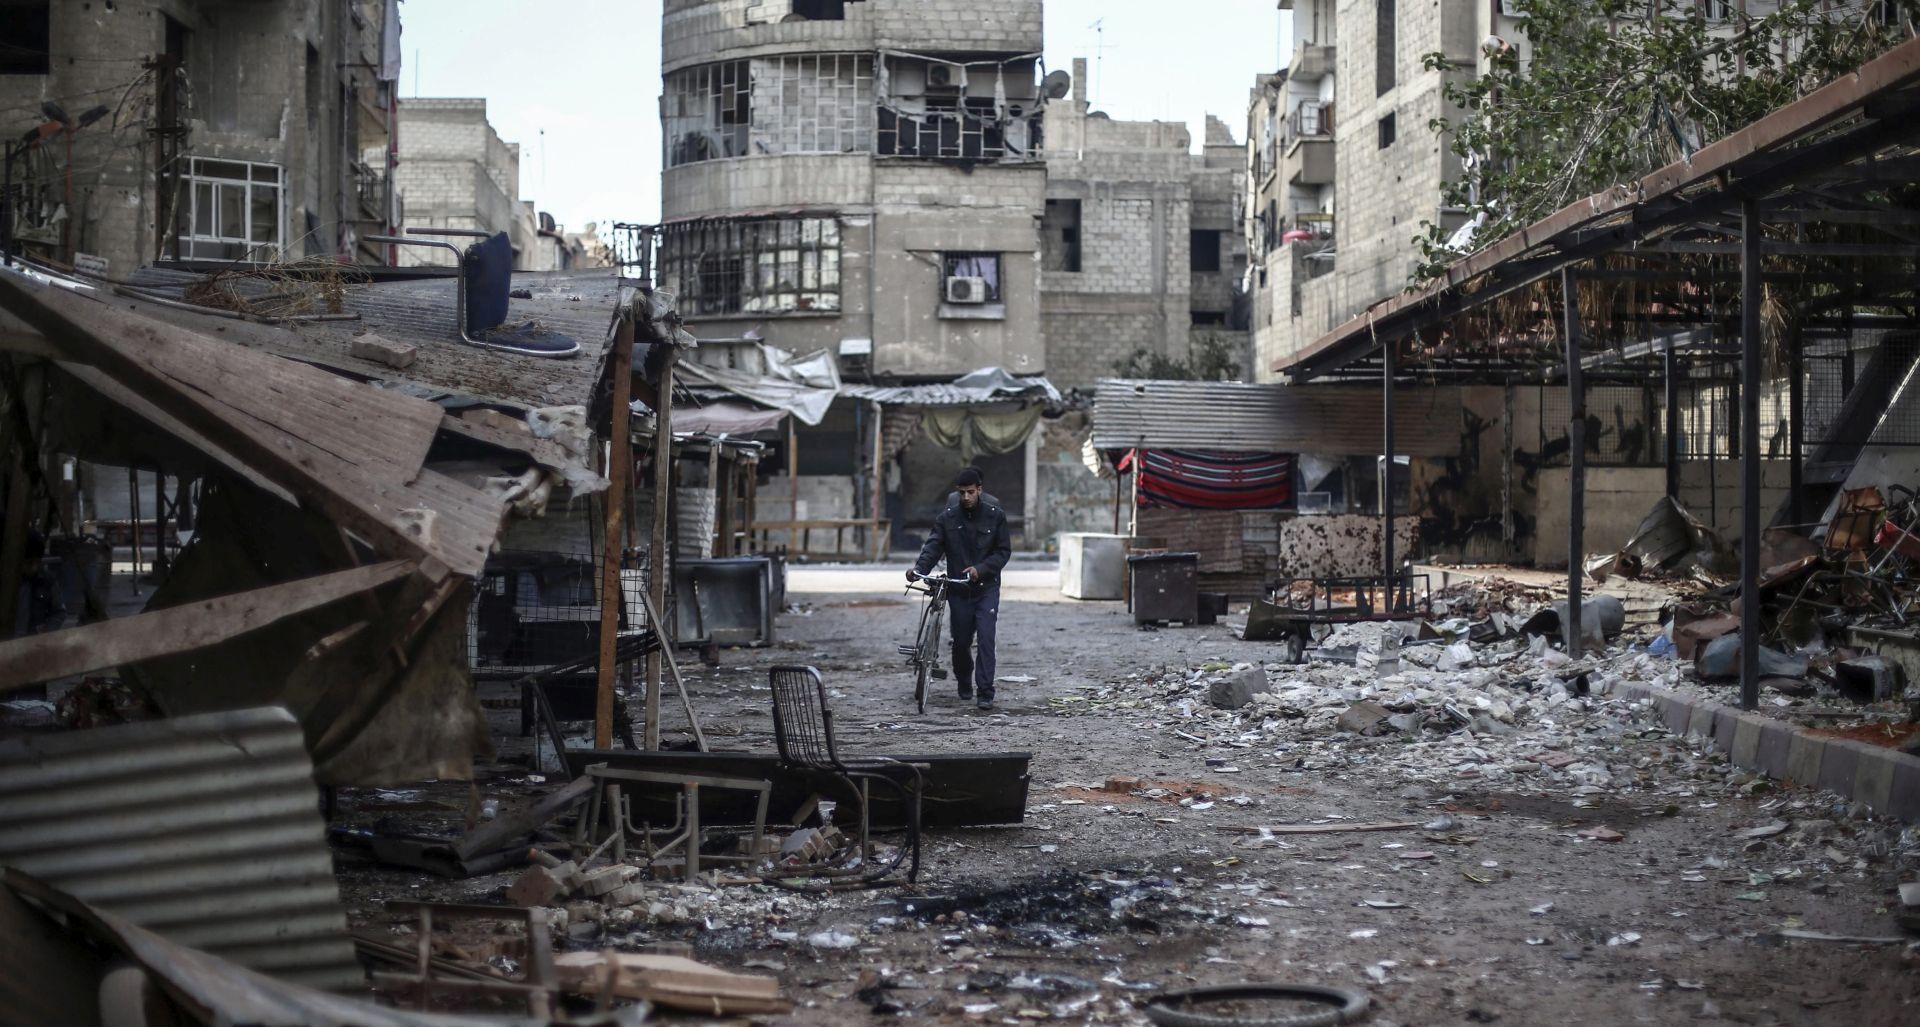 Sirija: Probni konvoj u srijedu prema gradovima pod opsadom